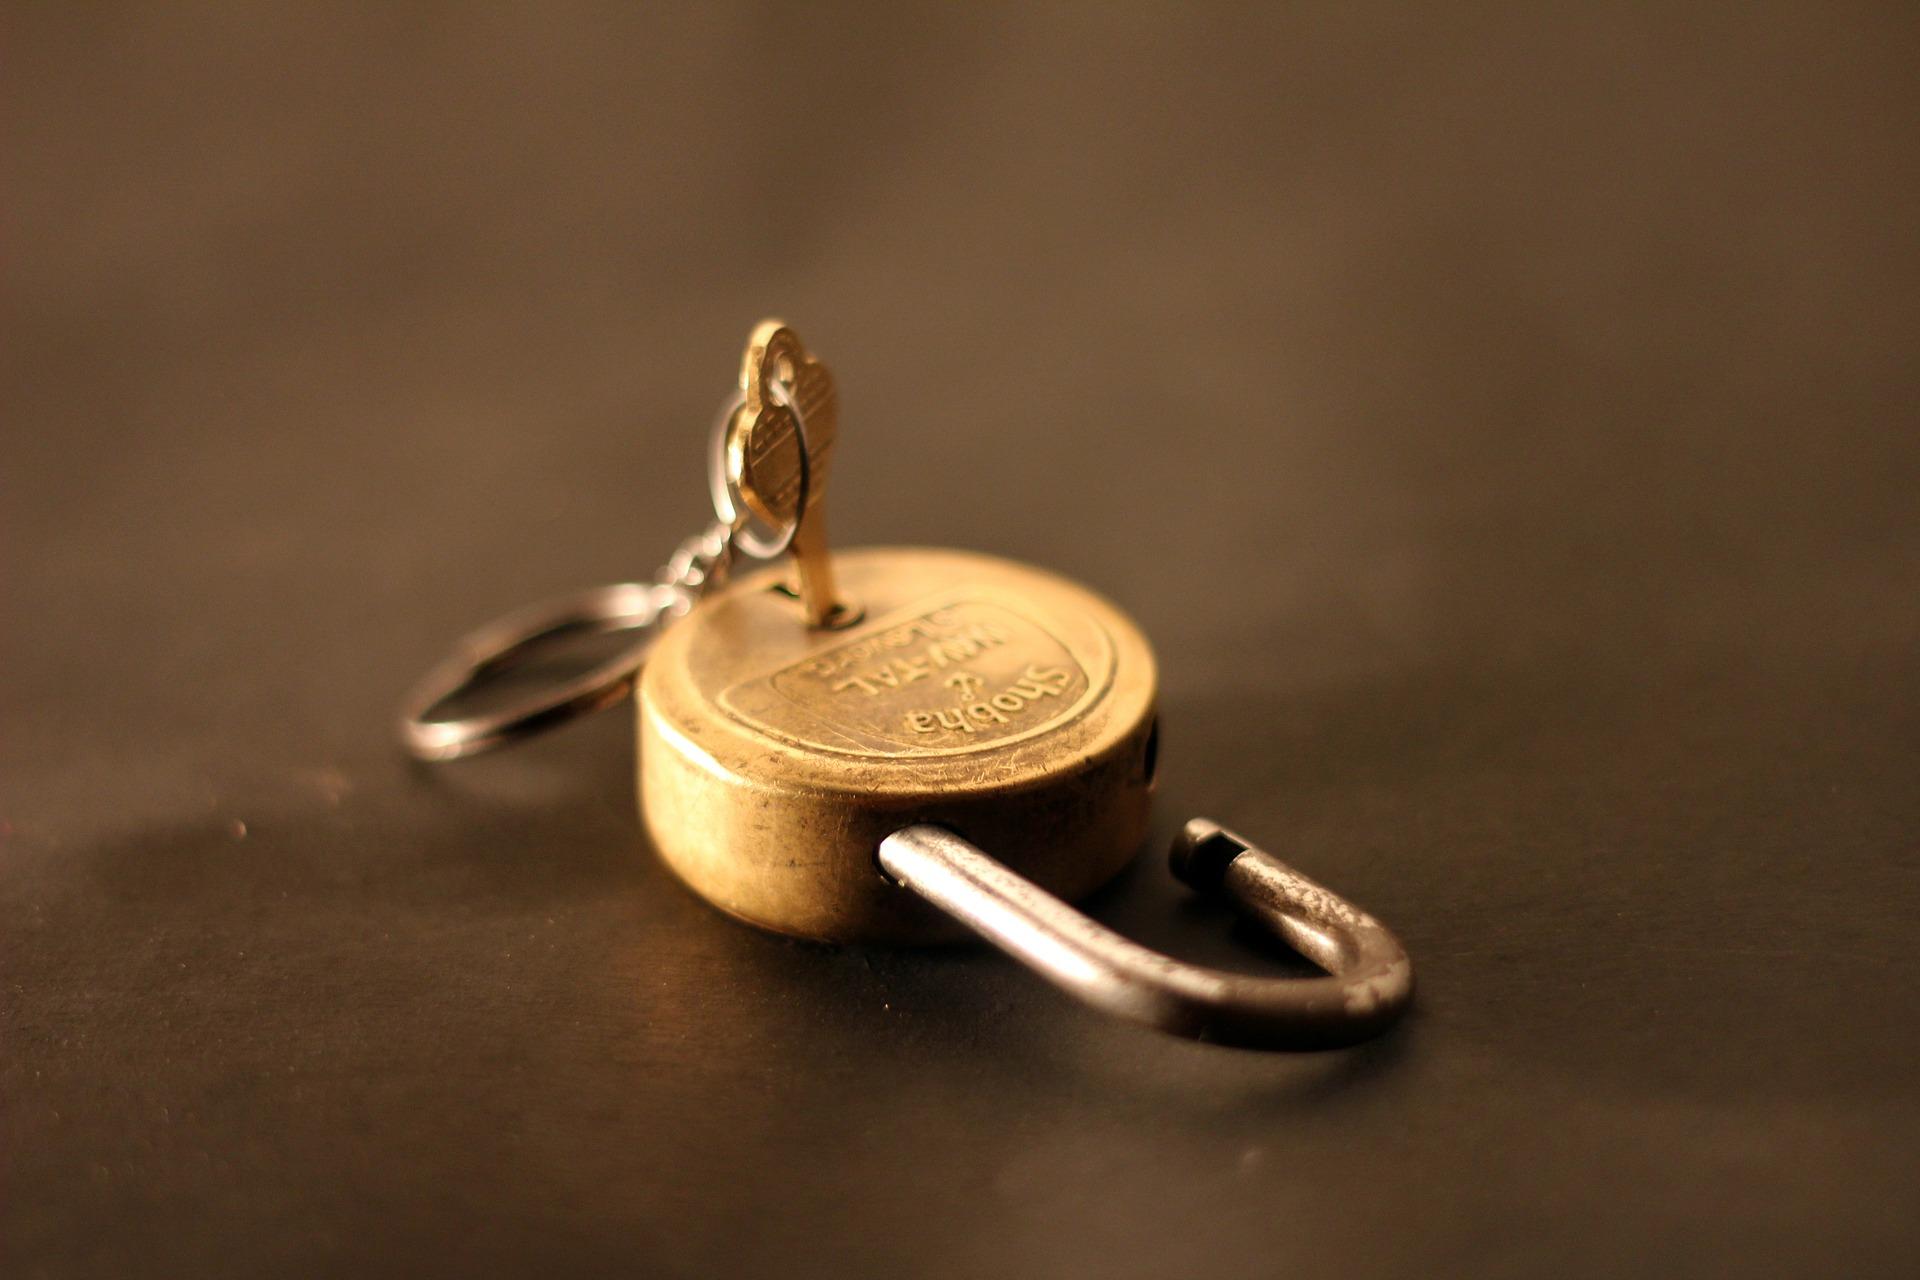 padlock-166882_1920.jpg